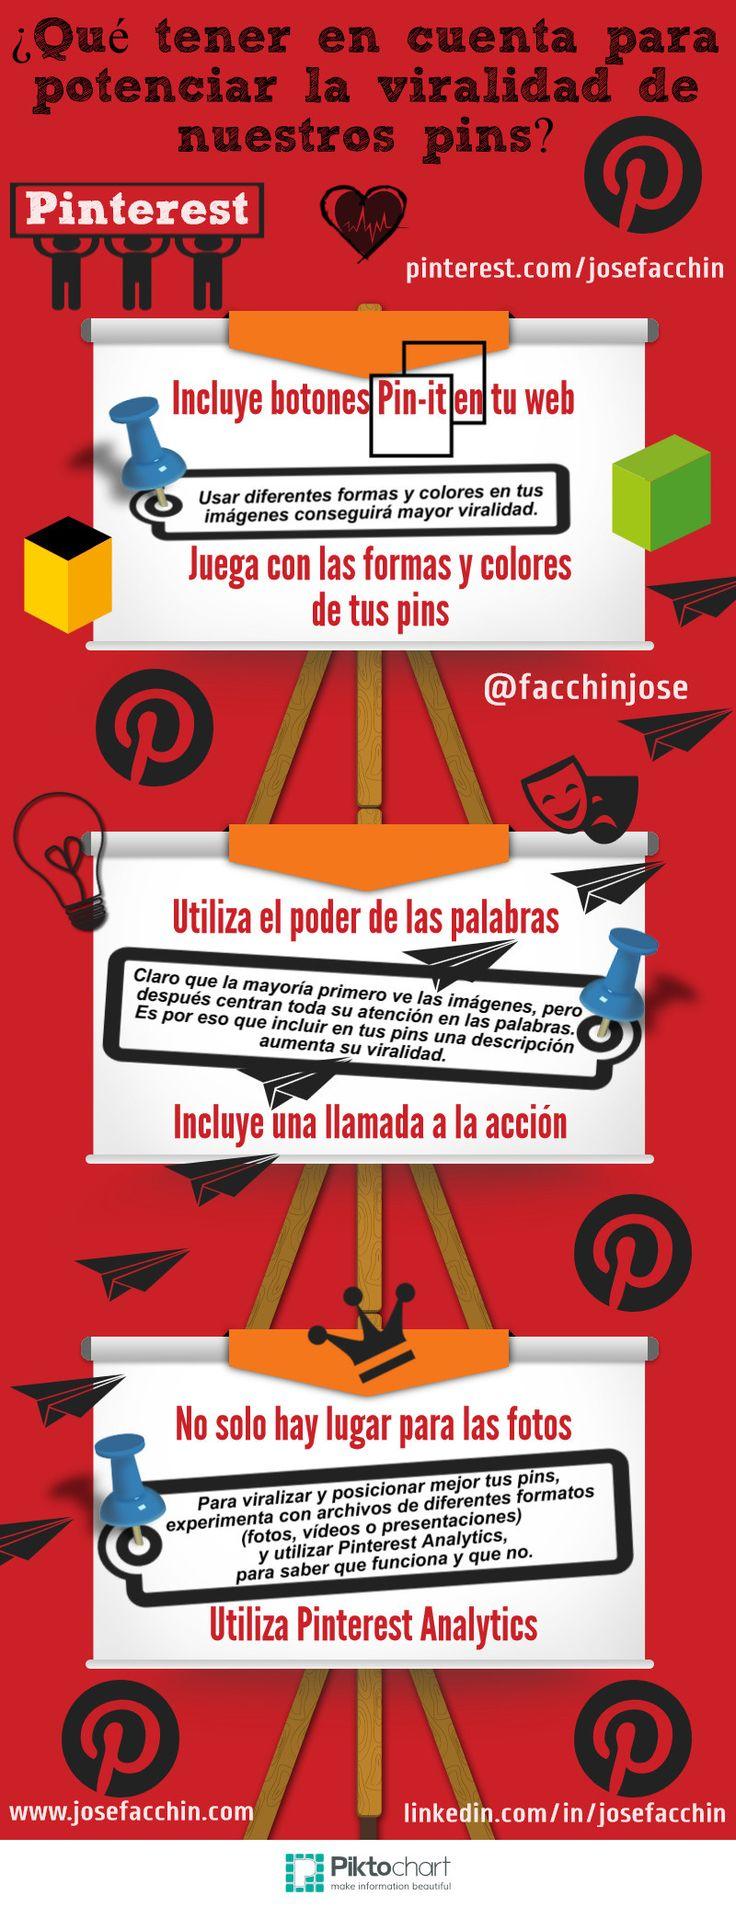 #Infografia ¿Cómo diseñar Pins más virales para nuestro #Pinterest? #RRSS #SocialMedia #RedesSociales